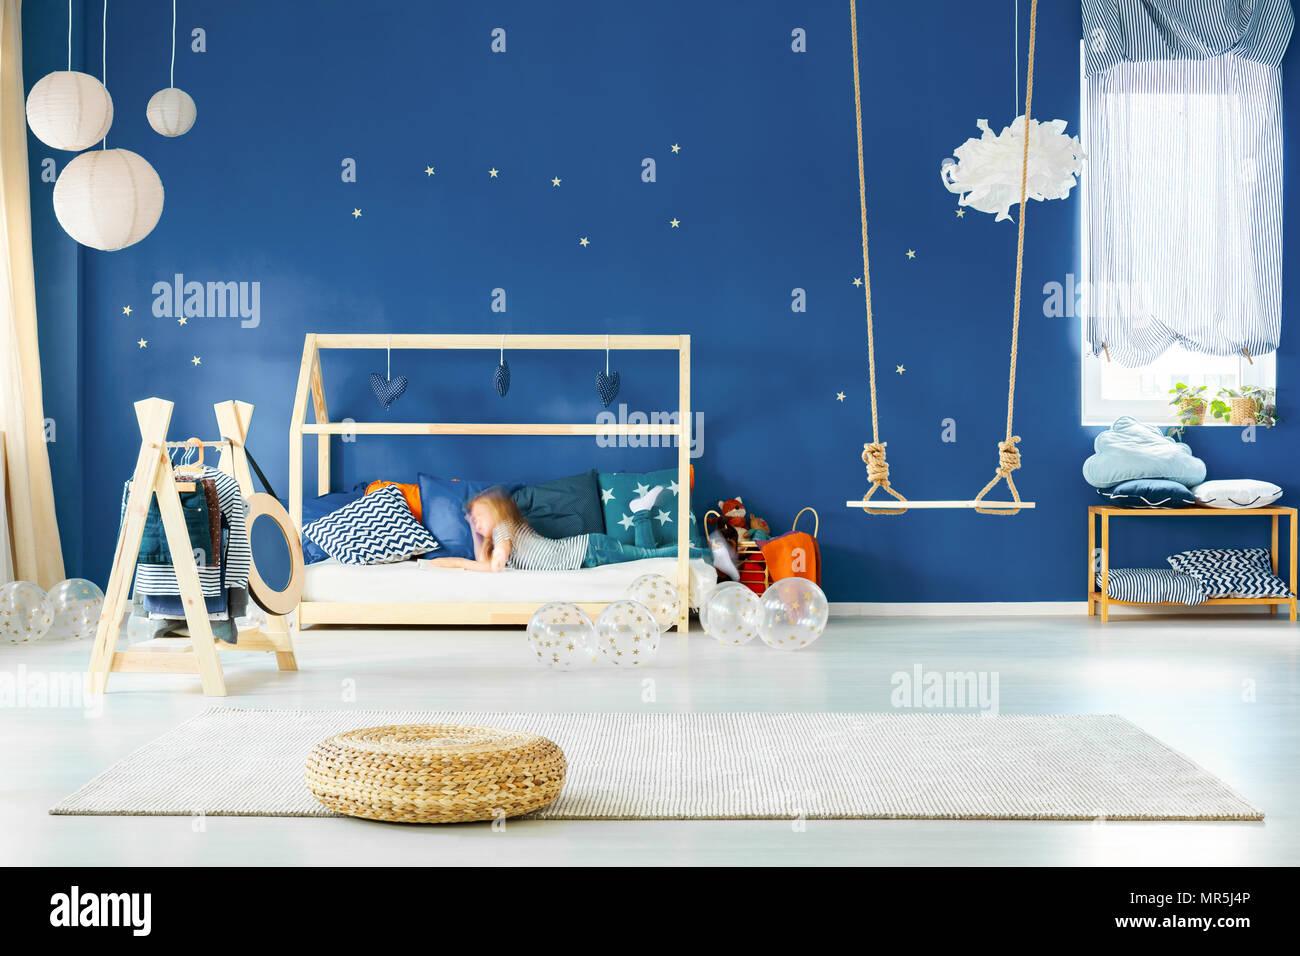 Jeune fille moderne avec swing, lit et mur bleu marine Banque D'Images